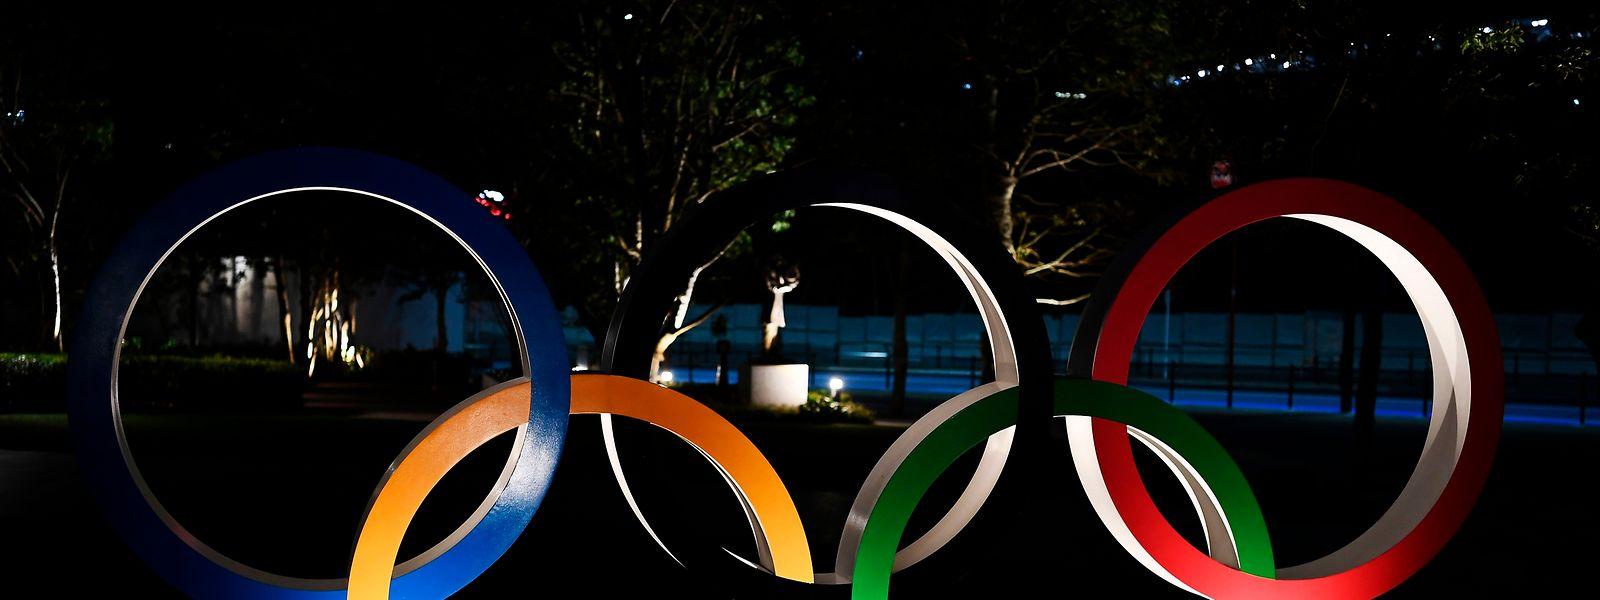 Rajouter des JO dans un agenda sportif 2021 déjà bien rempli s'annonce comme un cauchemar logistique pour les organisateurs.